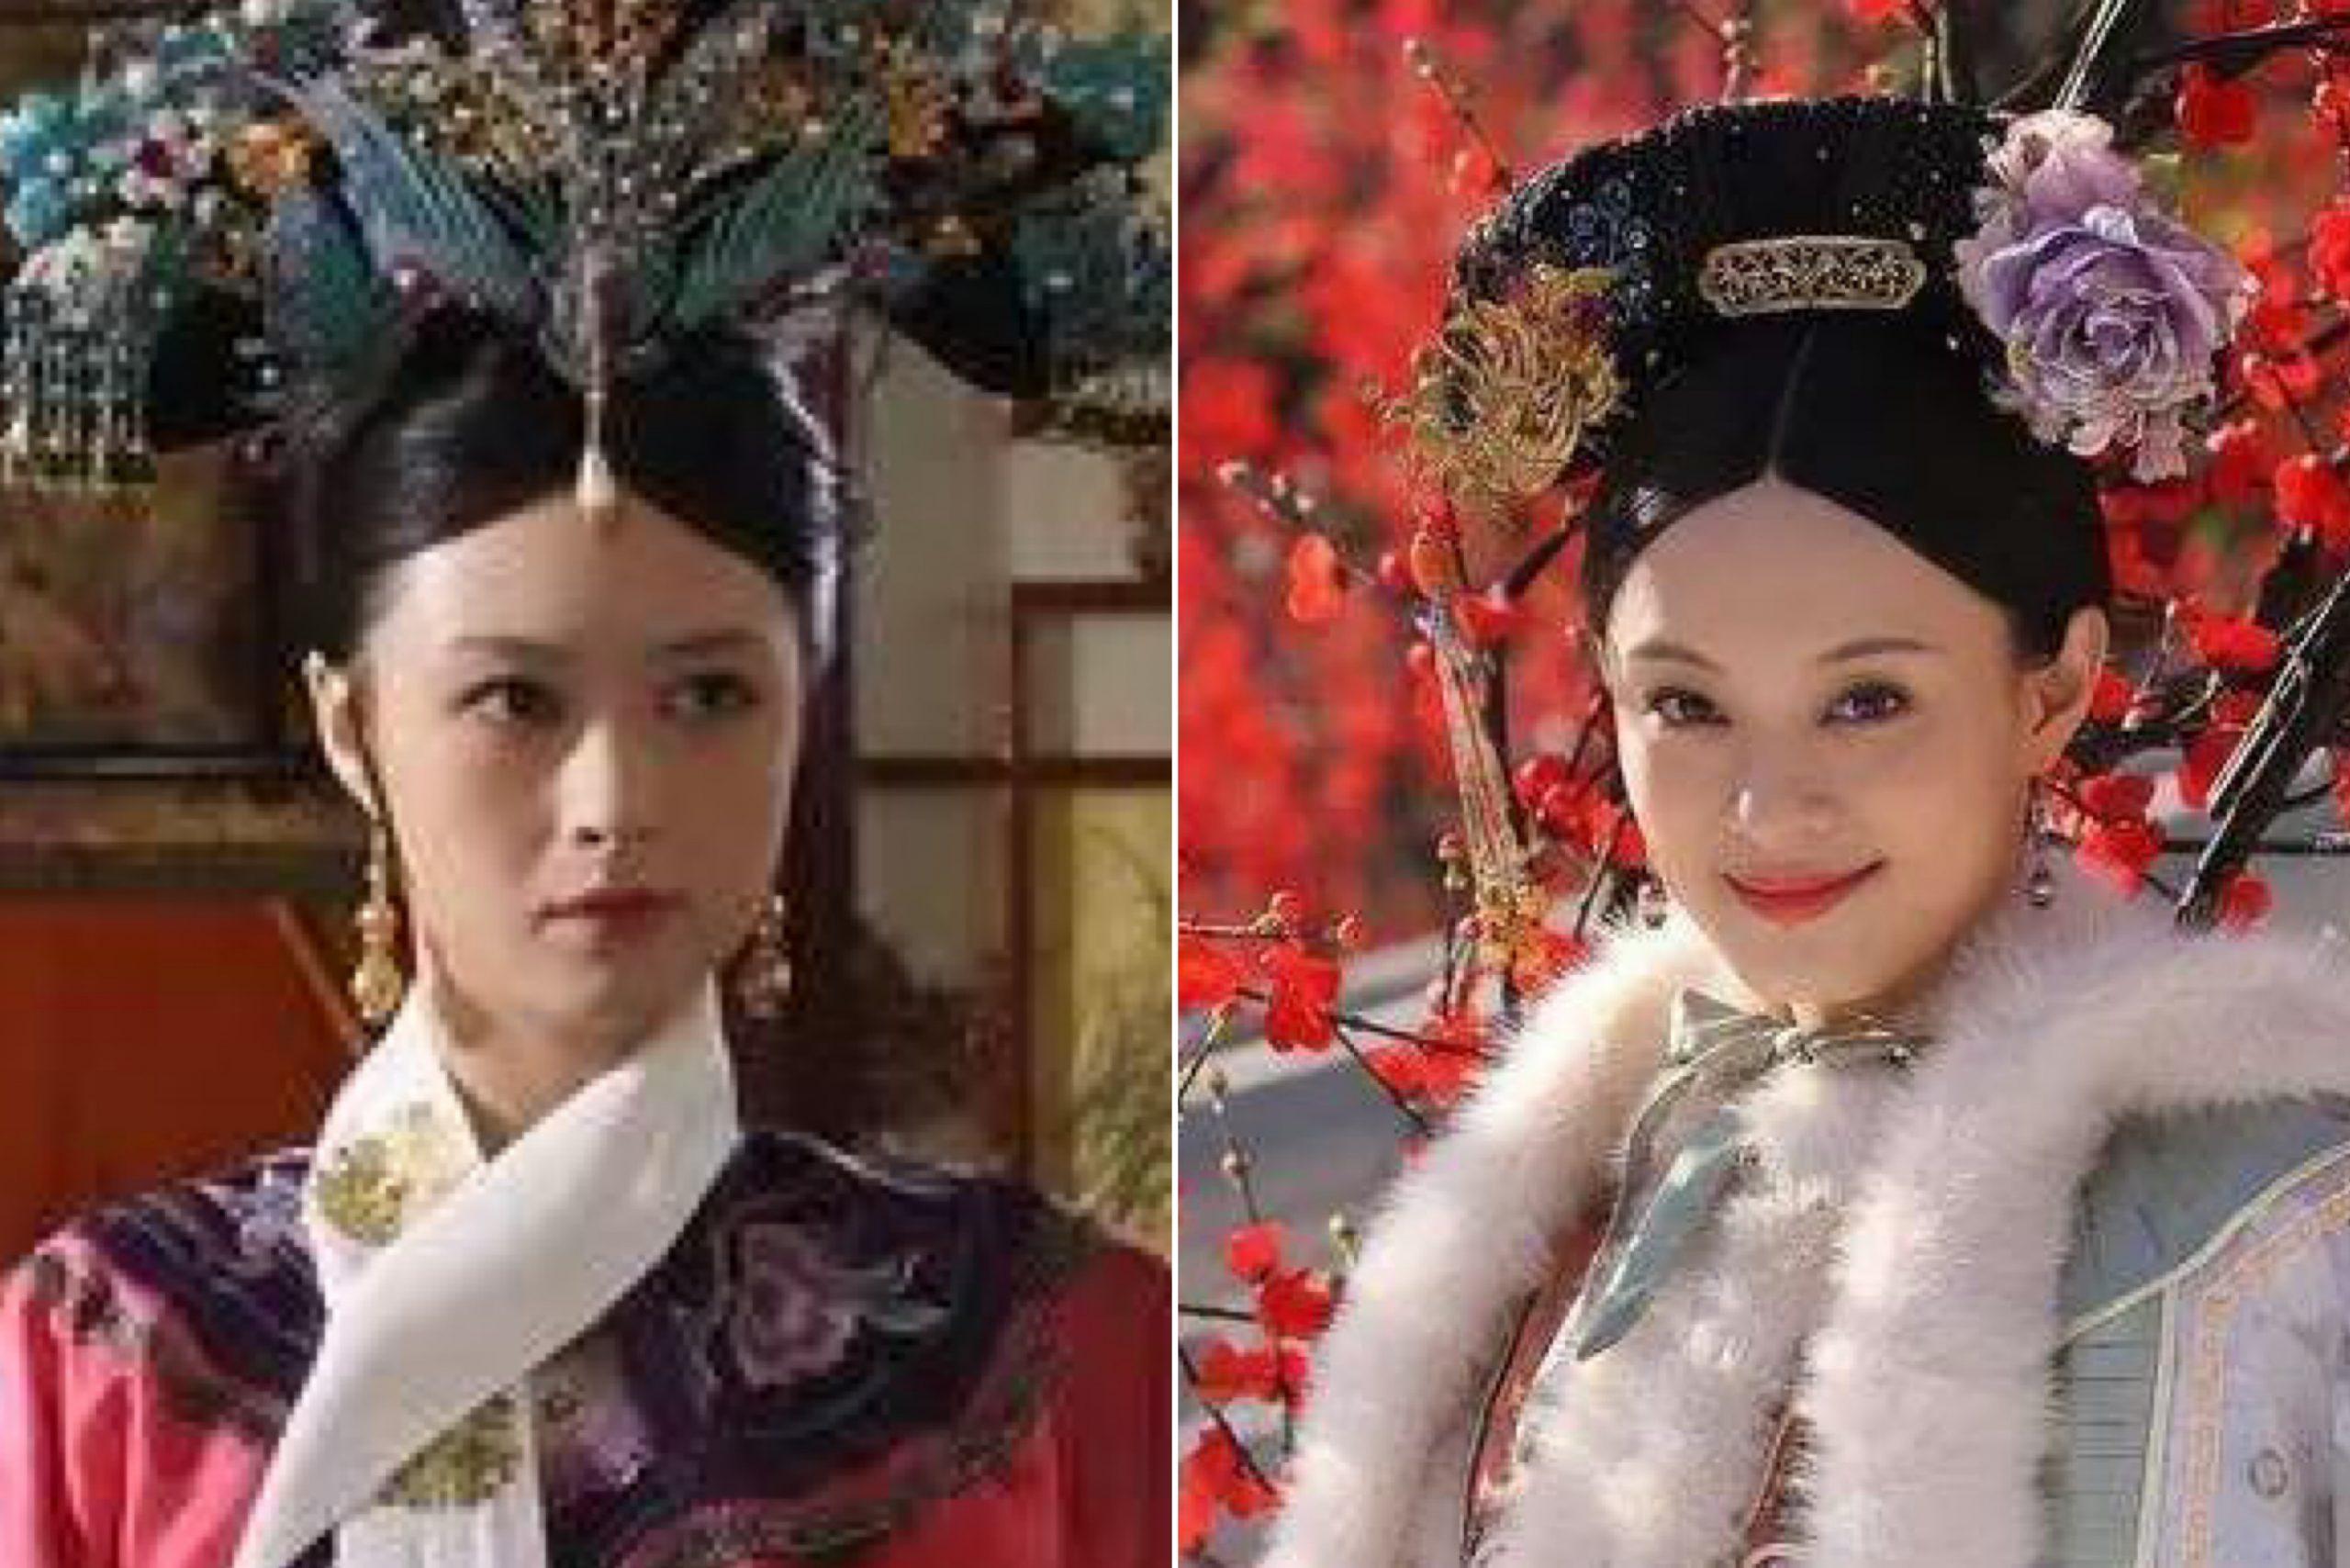 皇上心中的白月光如果還活著,華妃跟甄嬛還會被看上嗎?— 我們用電影寫日記